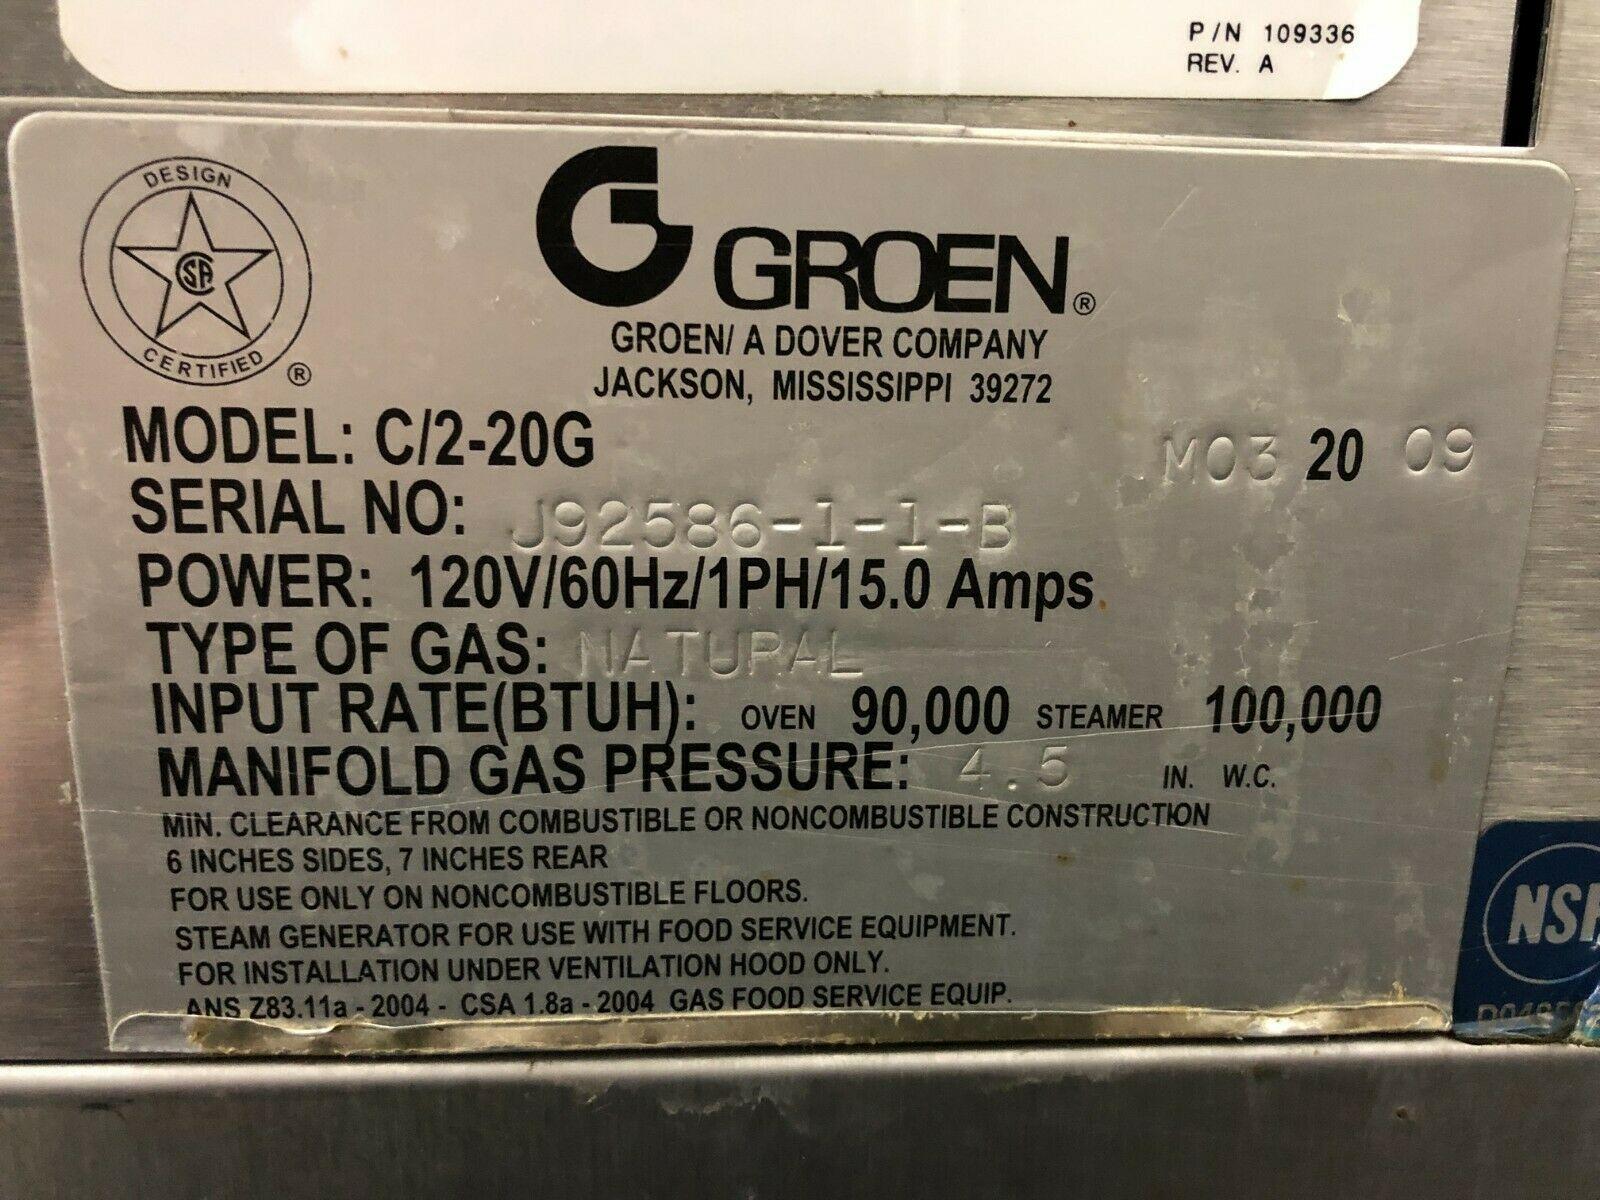 Pre-Owned Groen C/2-20G